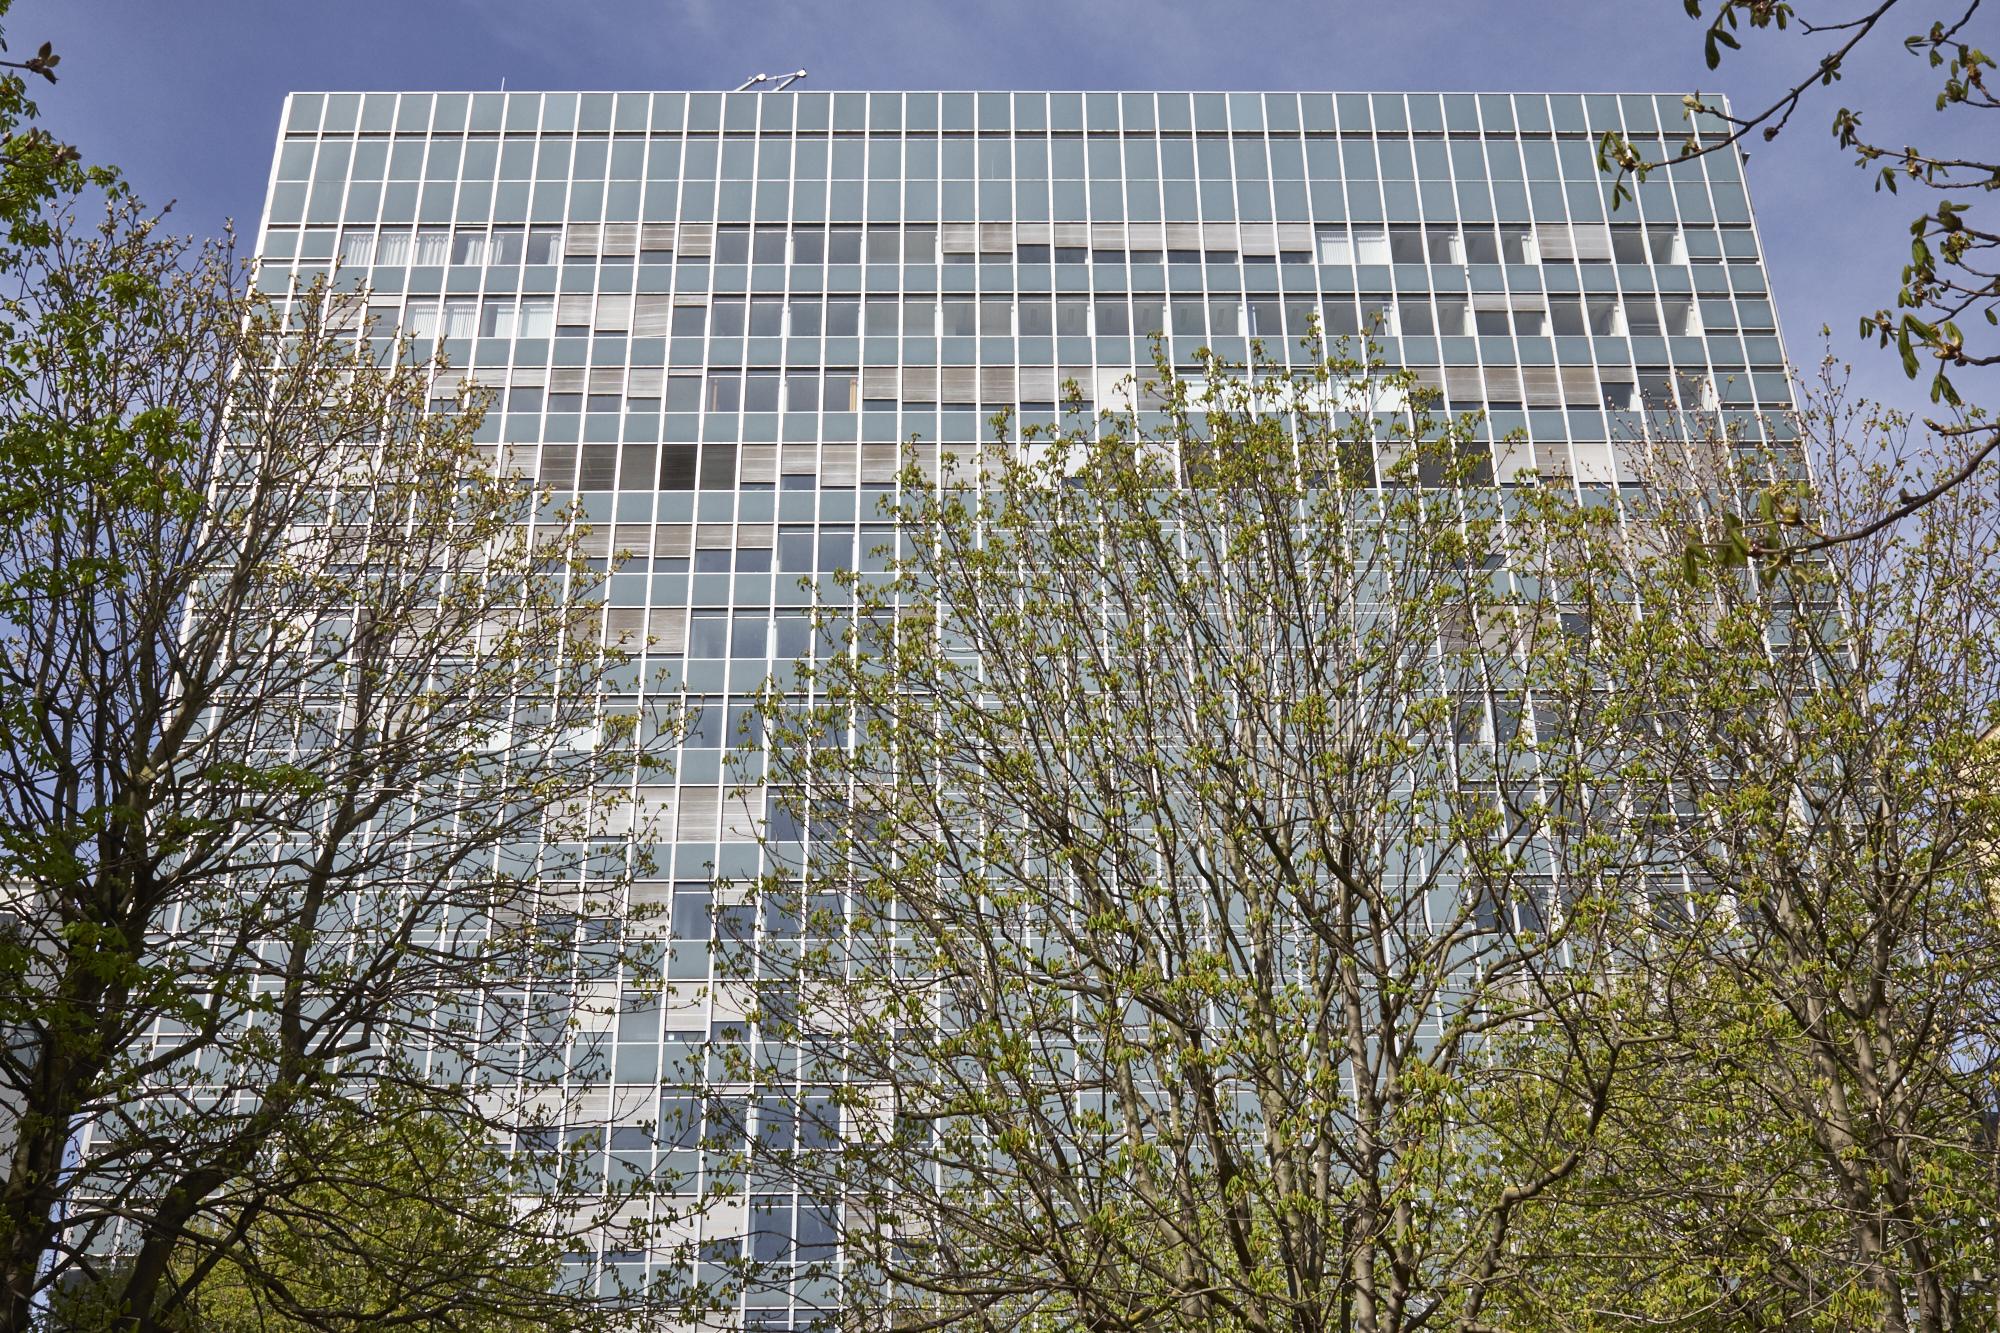 Das Novartis-Hochhaus am Rhein bleibt Novartis-Hochhaus als «Überlaufgefäss» für den Campus auf der anderen Rheinseite